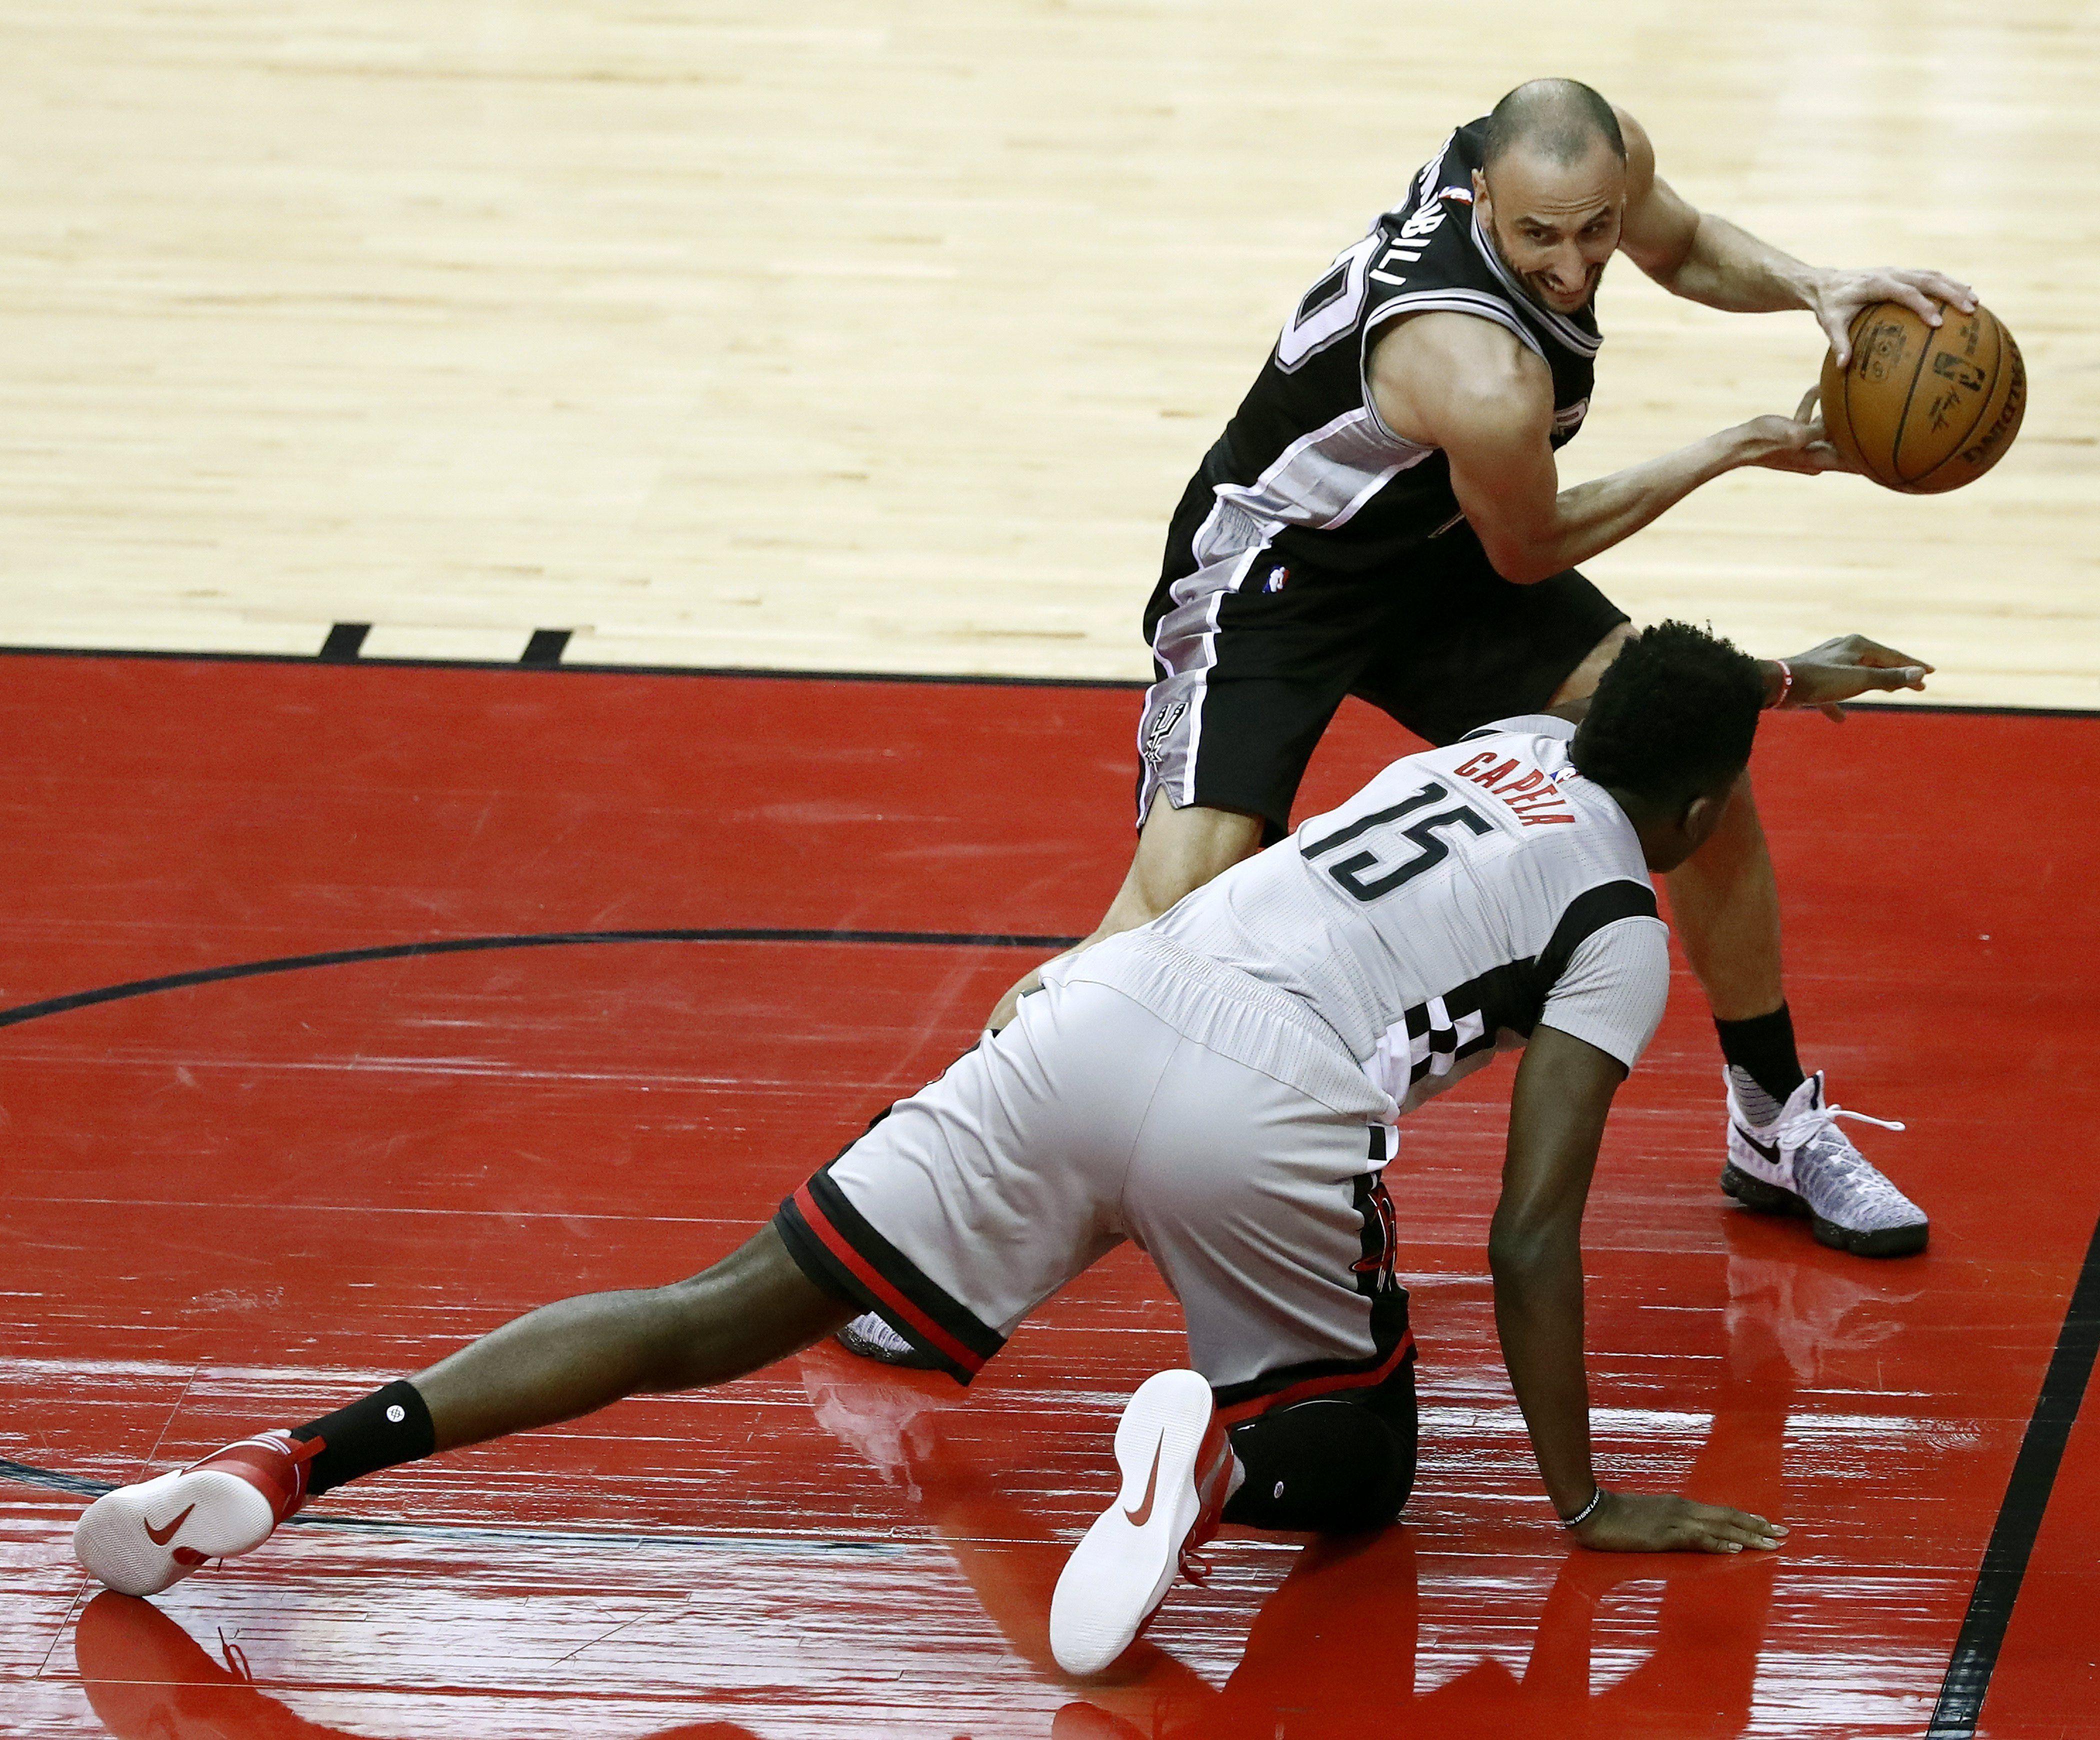 El suizo Clint Capela de Houston Rockets ante el argentino Manu Ginobili de San Antonio Spurs